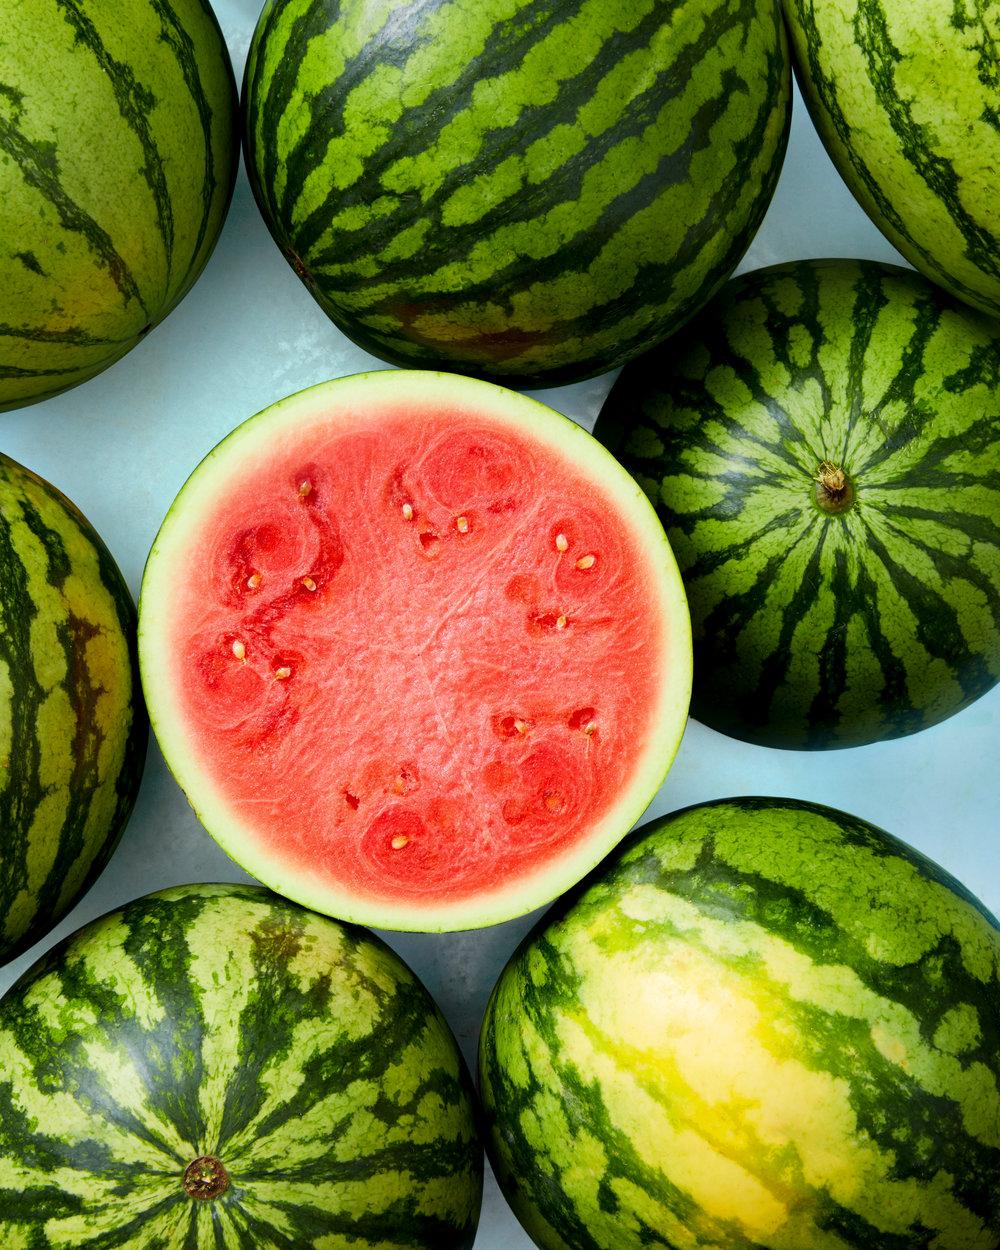 6-7-17-EH-Watermelon0475-1.jpg